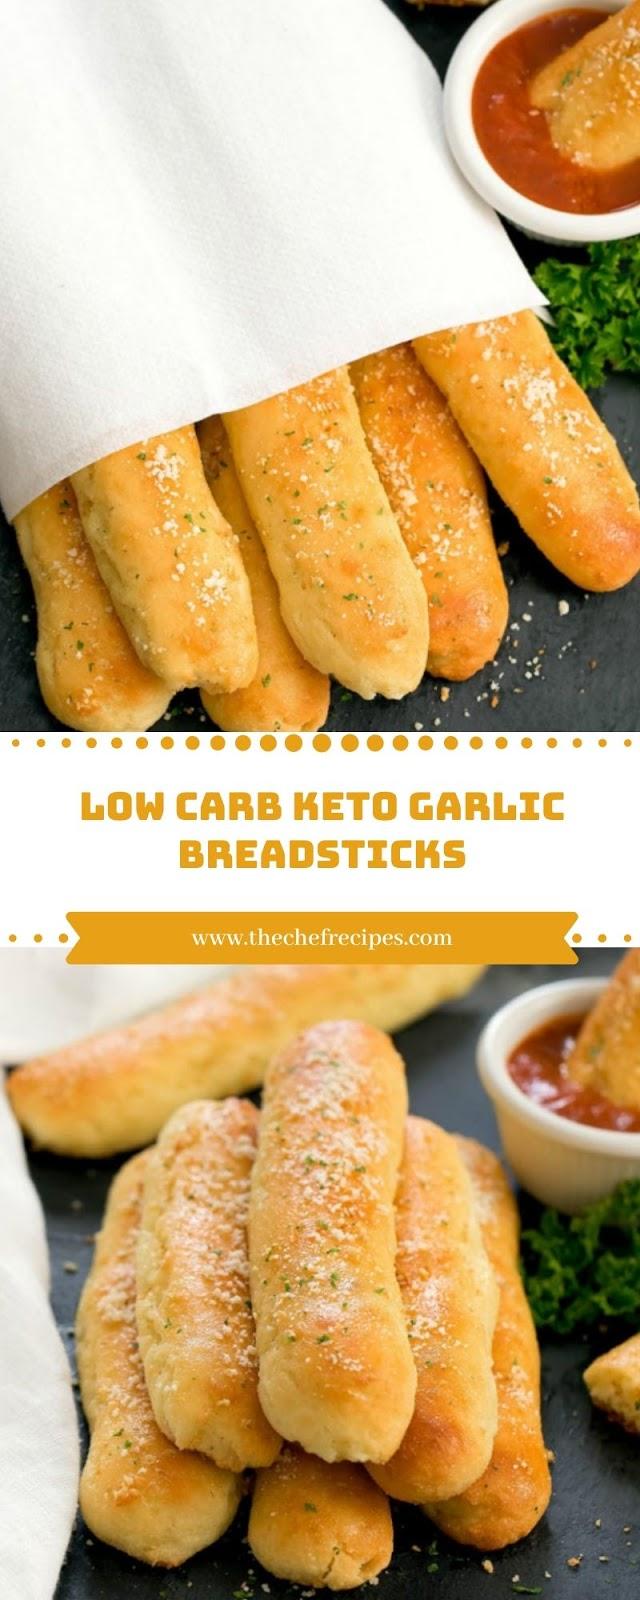 Low Carb Keto Garlic Breadsticks